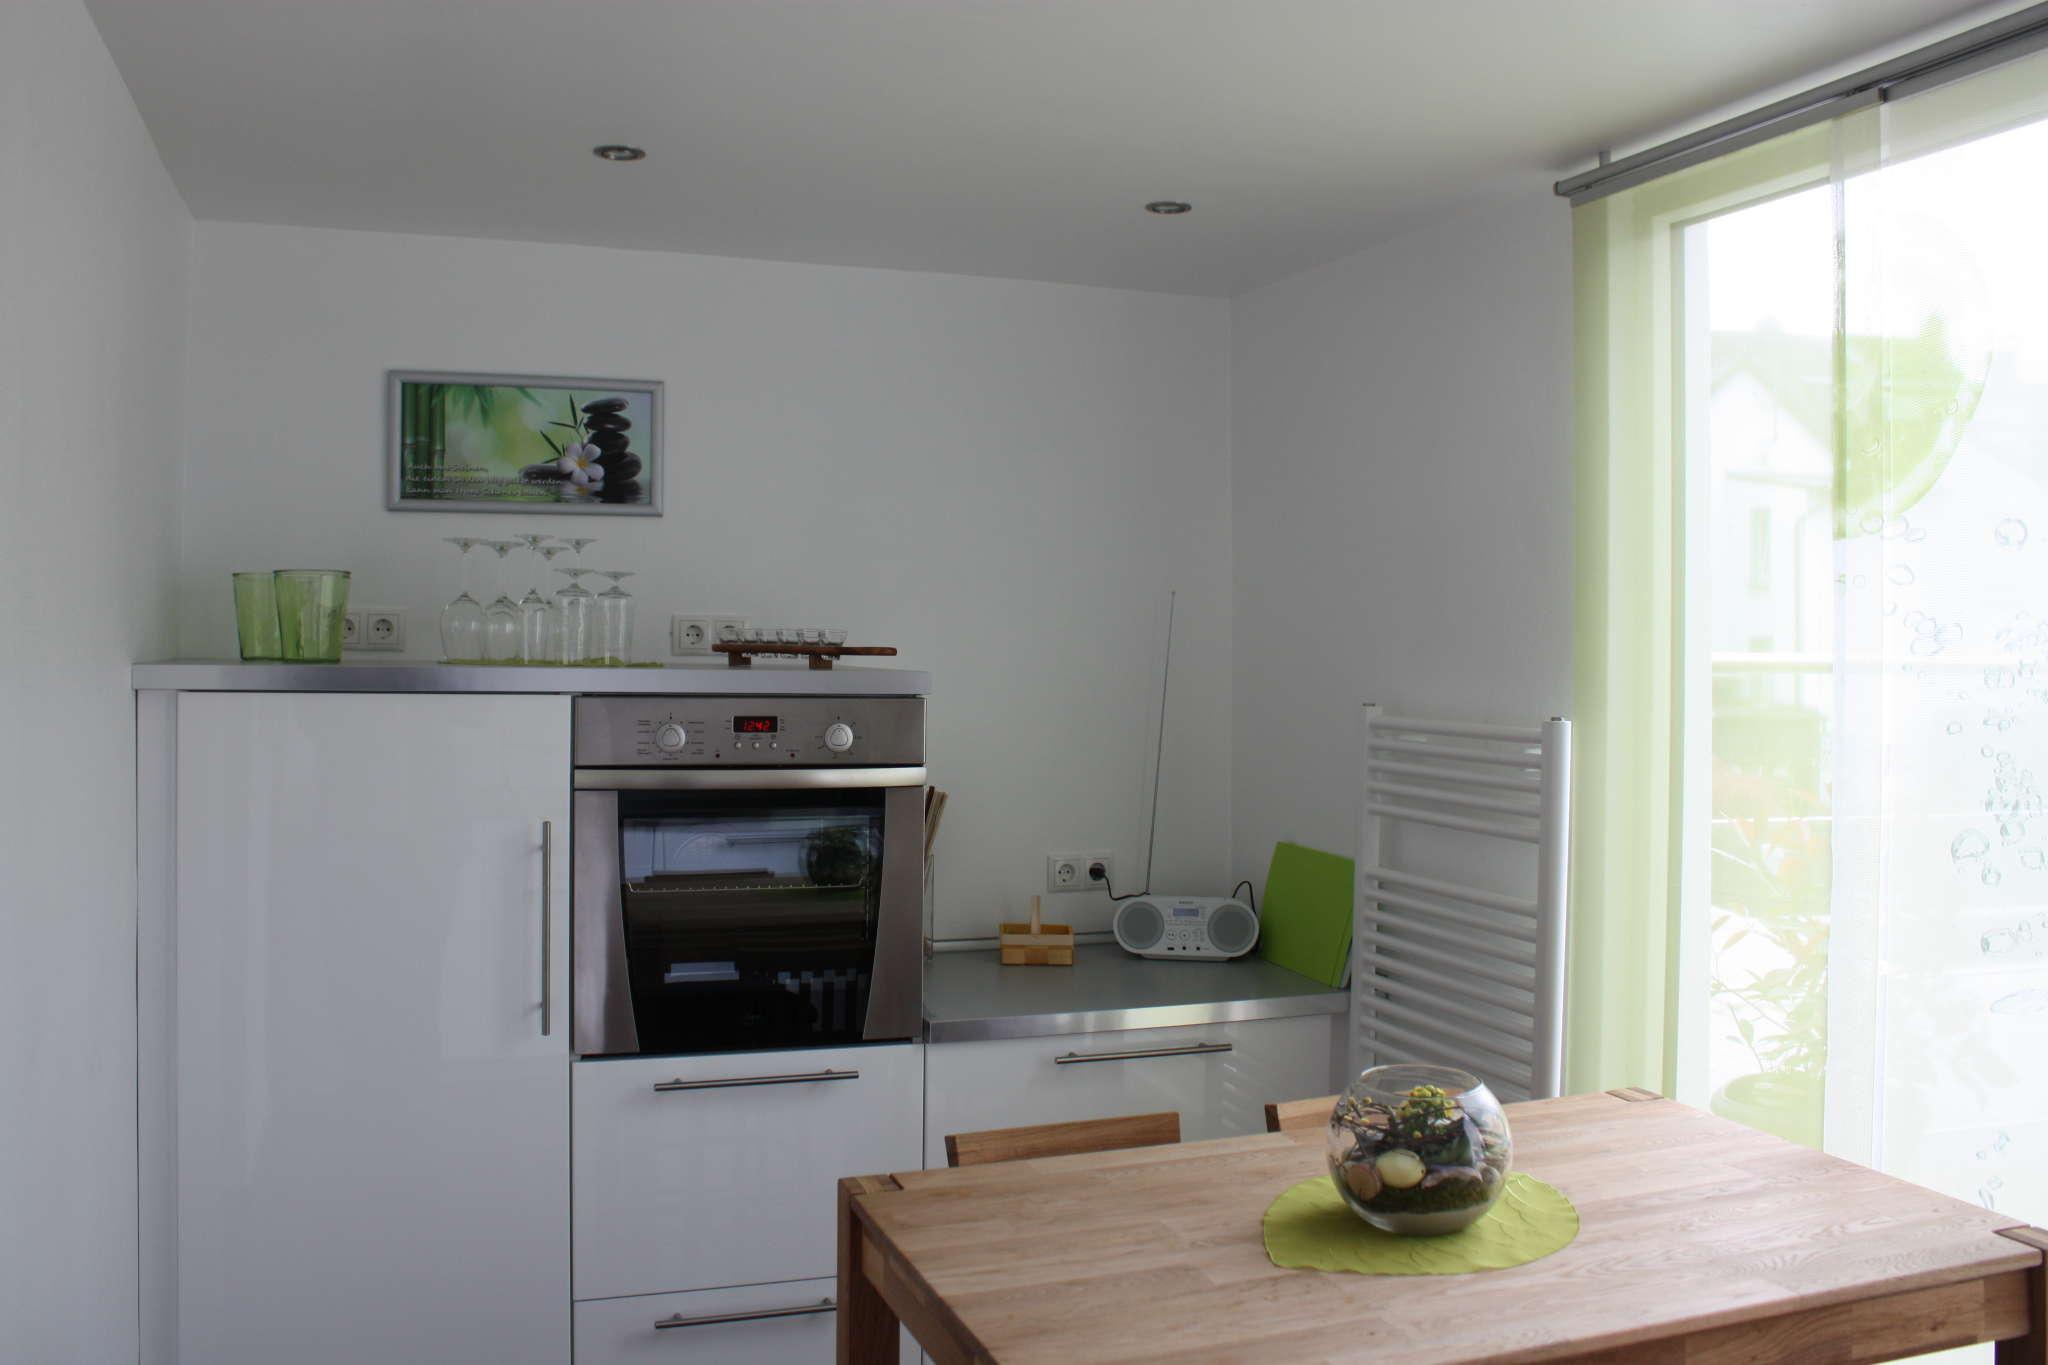 Küche, halbhoher Thekentisch, 4 Stühle